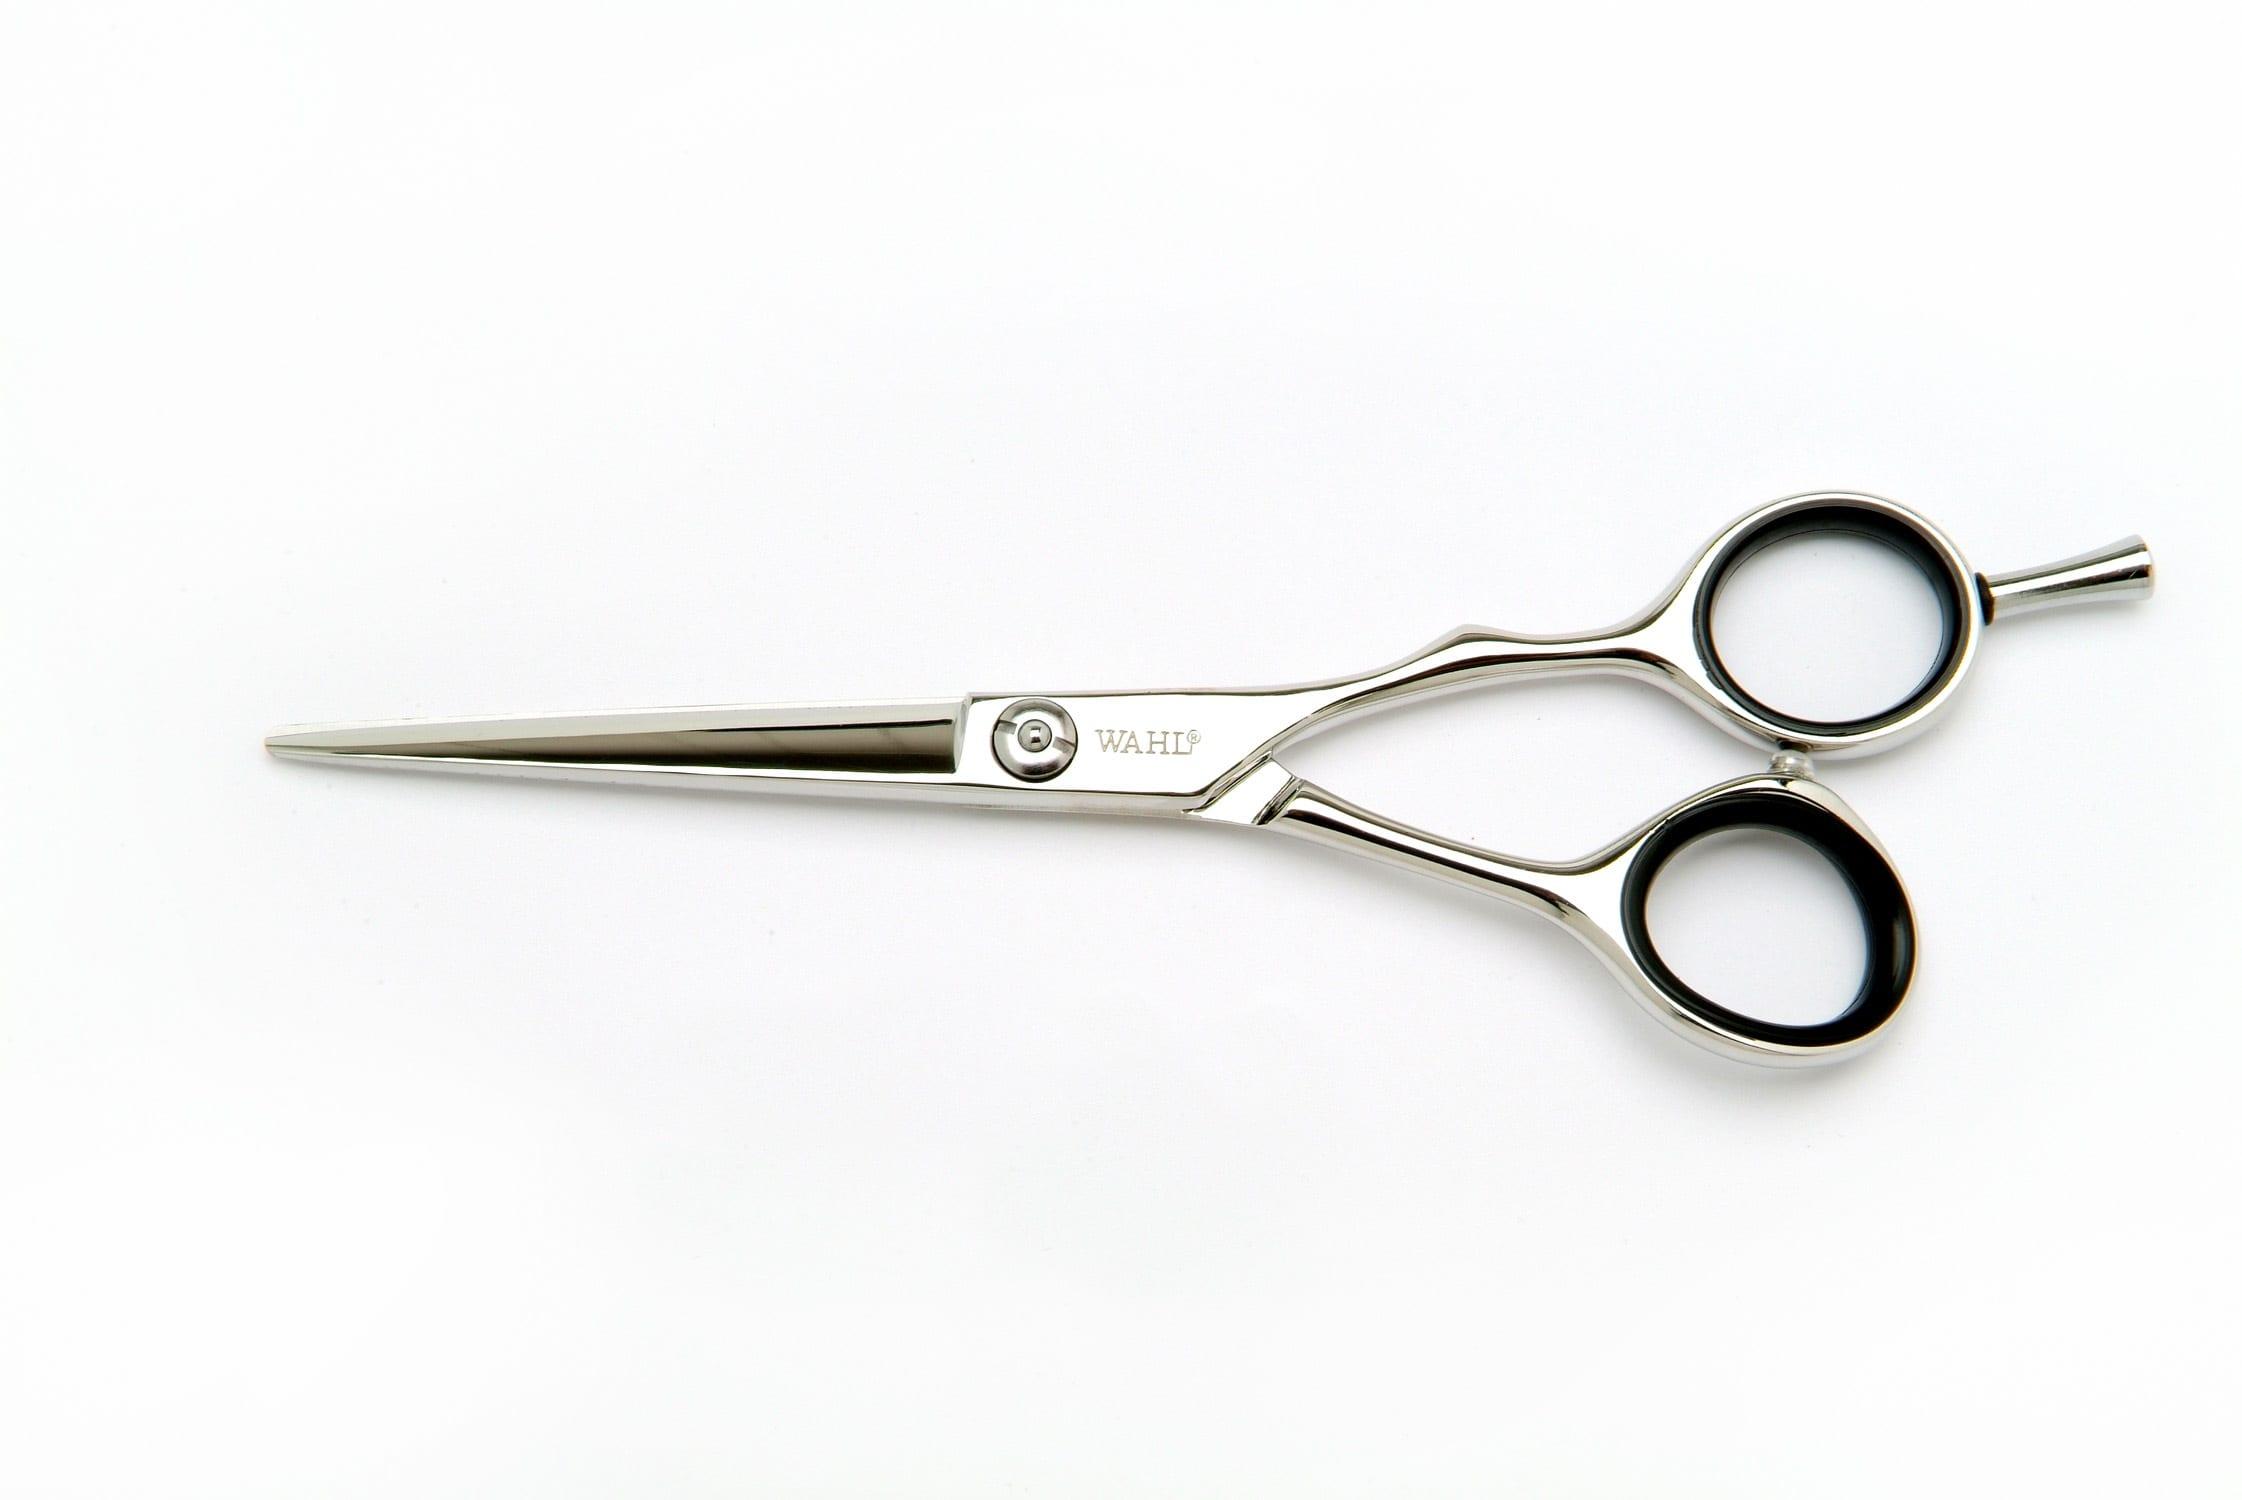 Wahl Silver Scissors